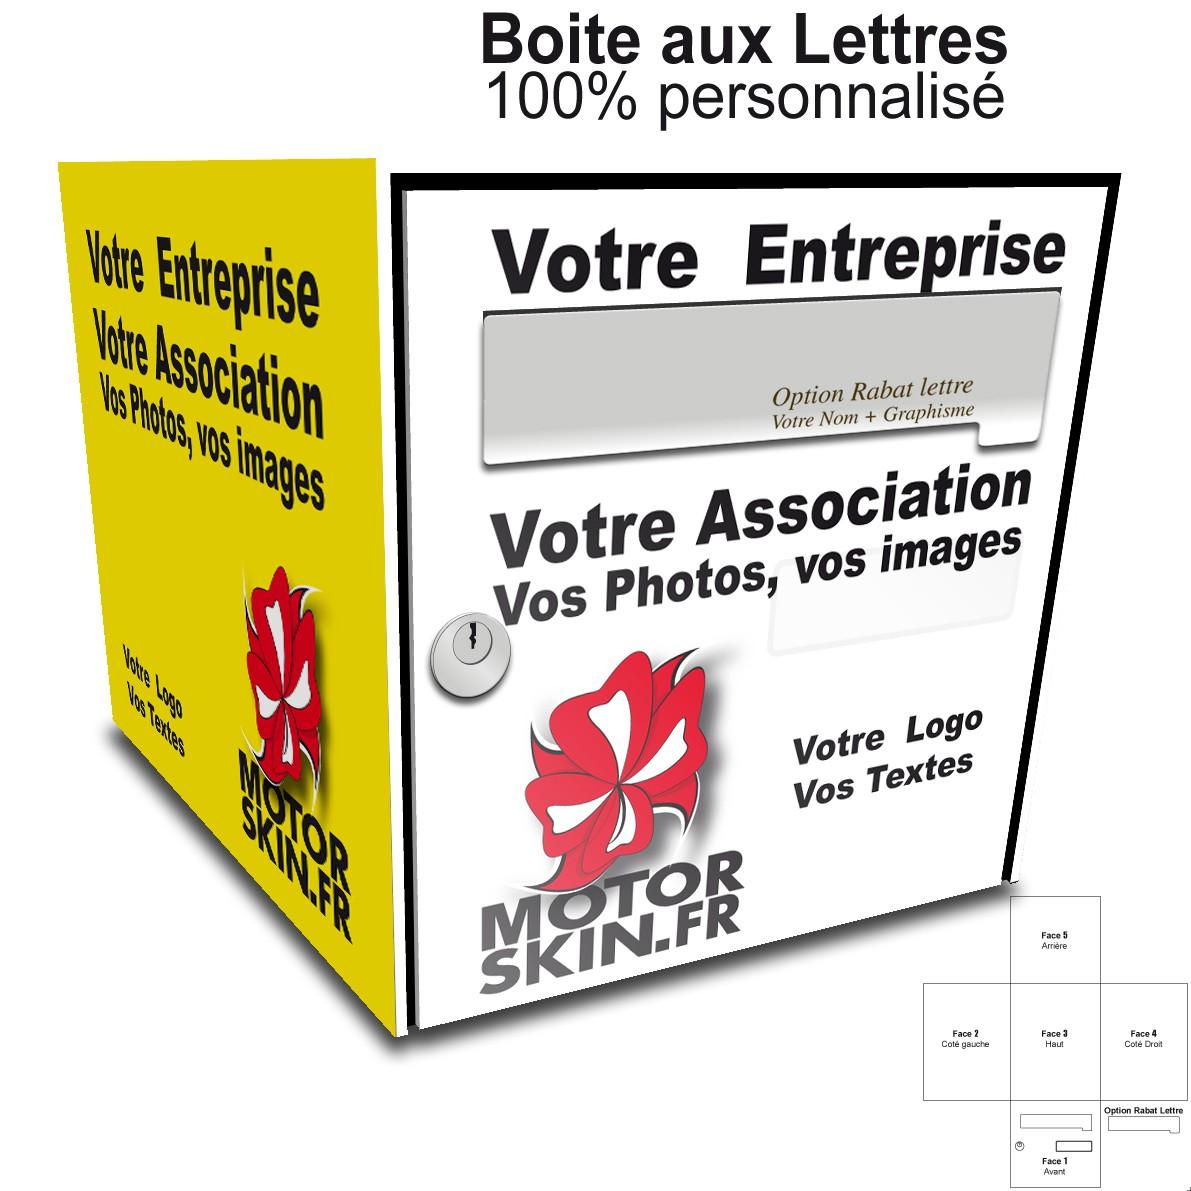 Deco boite aux lettres fashion designs - Stickers boite aux lettres ...